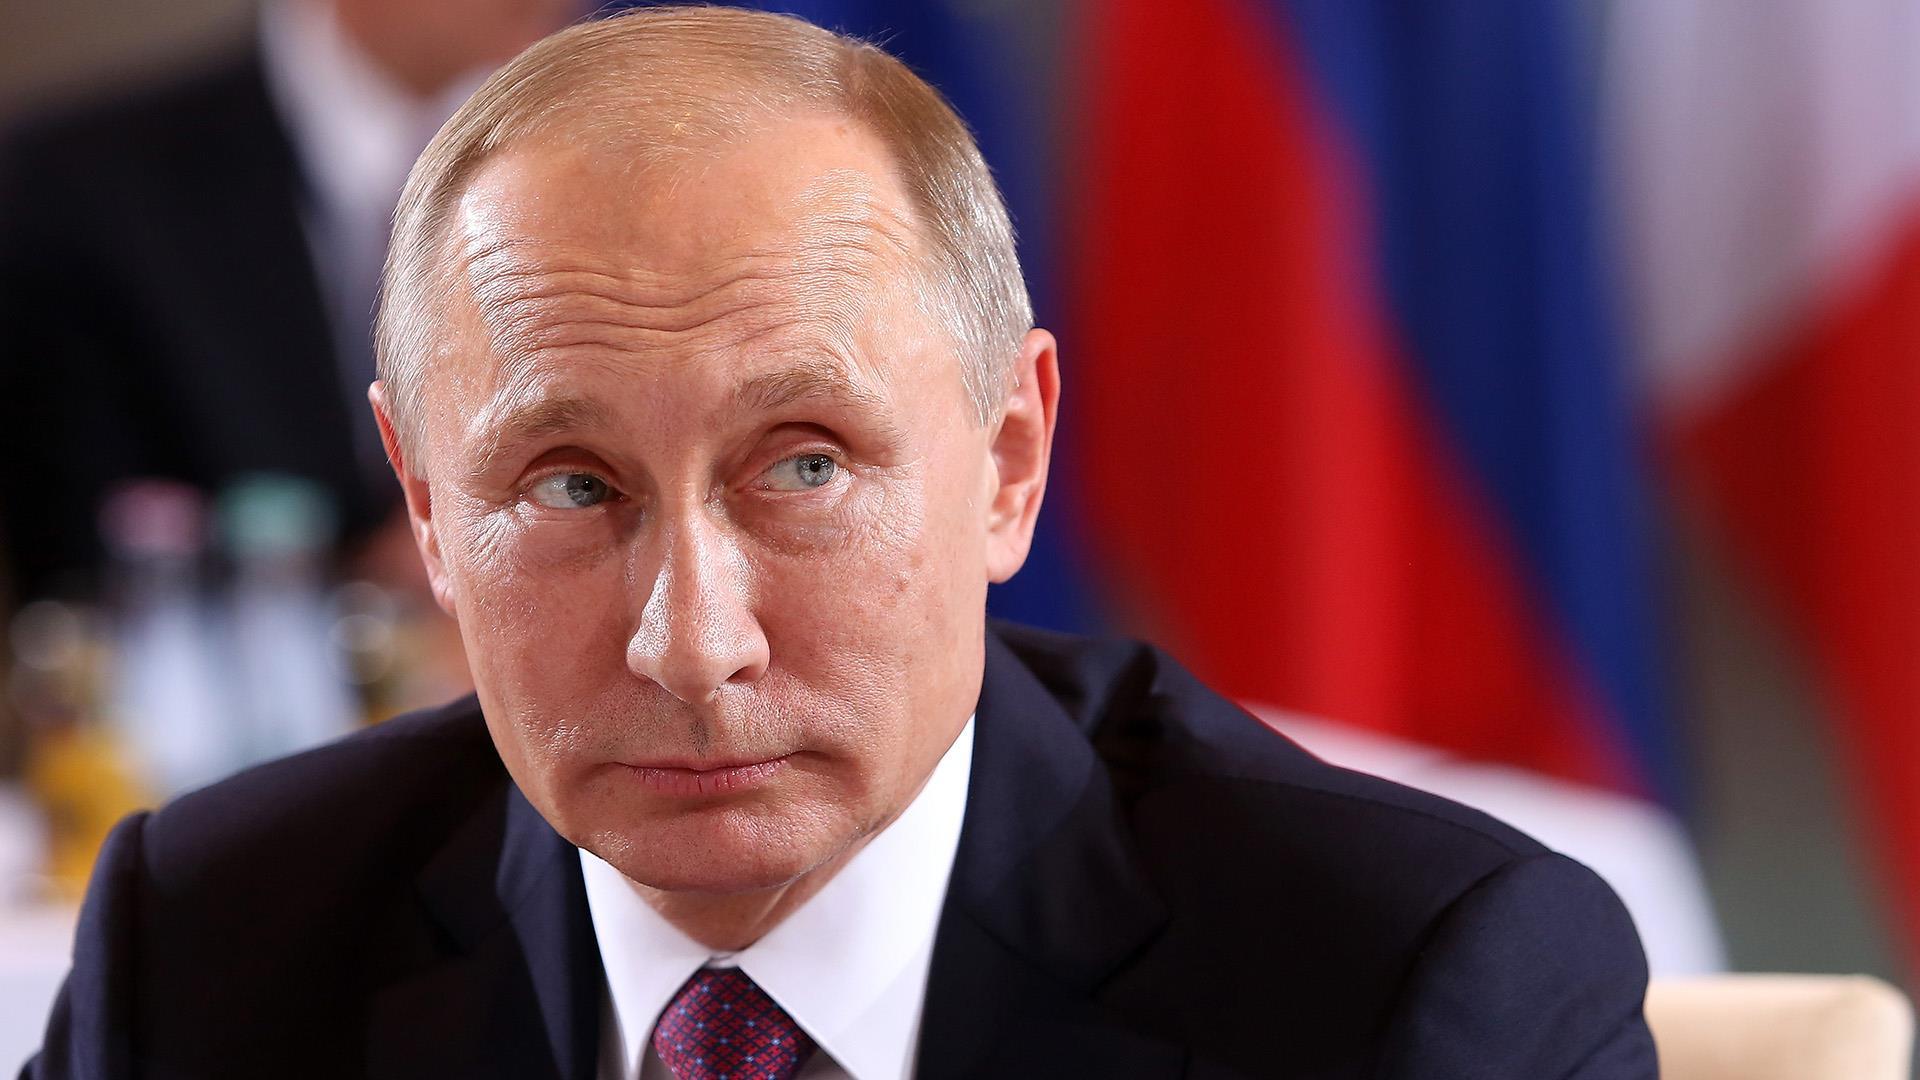 Le président russe Vladimir Poutine. (Source : Today)